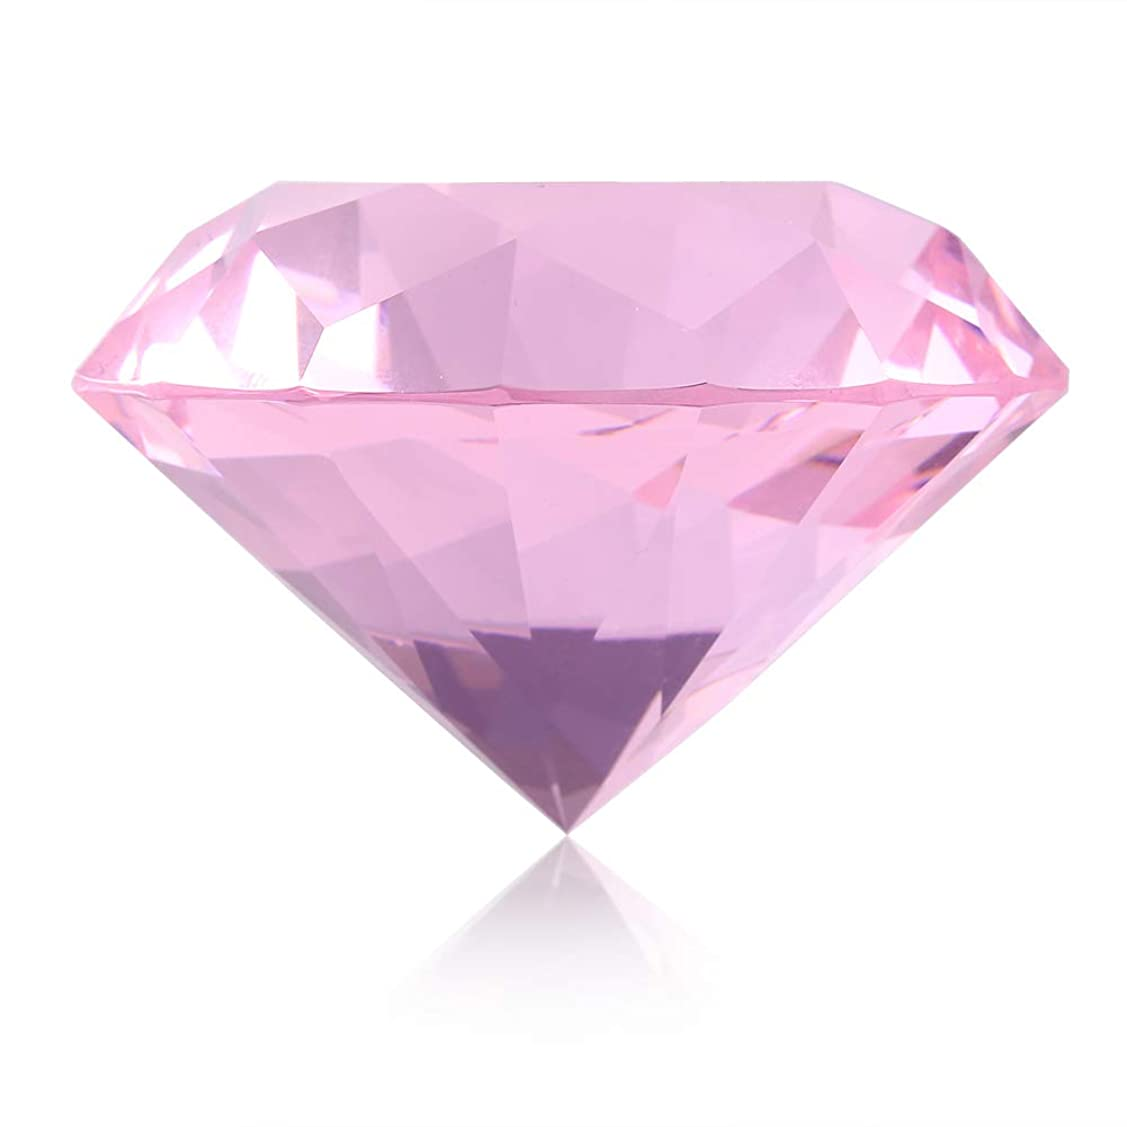 火山お別れ眉ネイルチップスタンド スタンドベース ネイルアートディスプレイ ガラス クリスタル ダイヤモンド 撮影道具 モデル ネイルチップホルダー (ピンク)